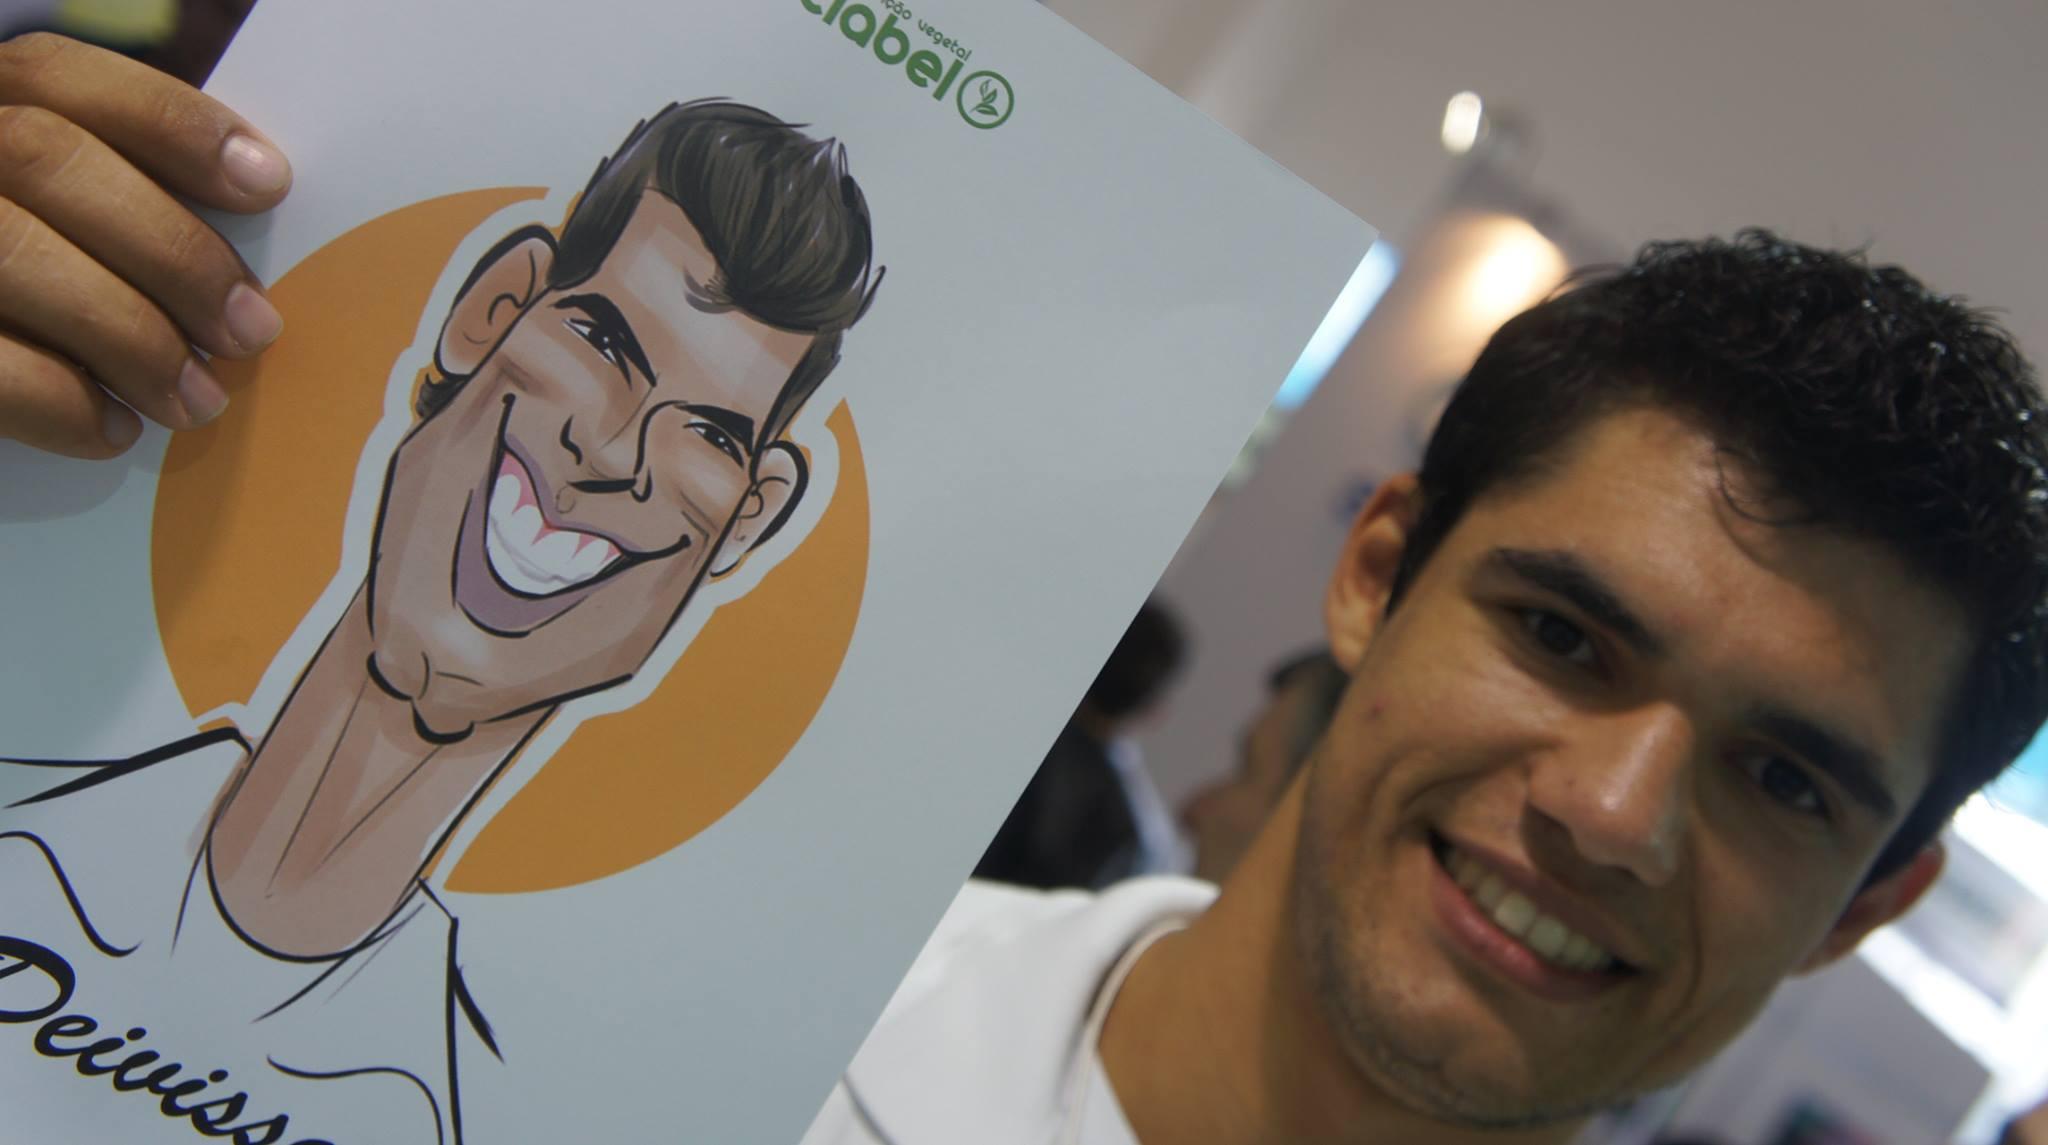 Caricaturas ao vivo em papel para a Atlabel